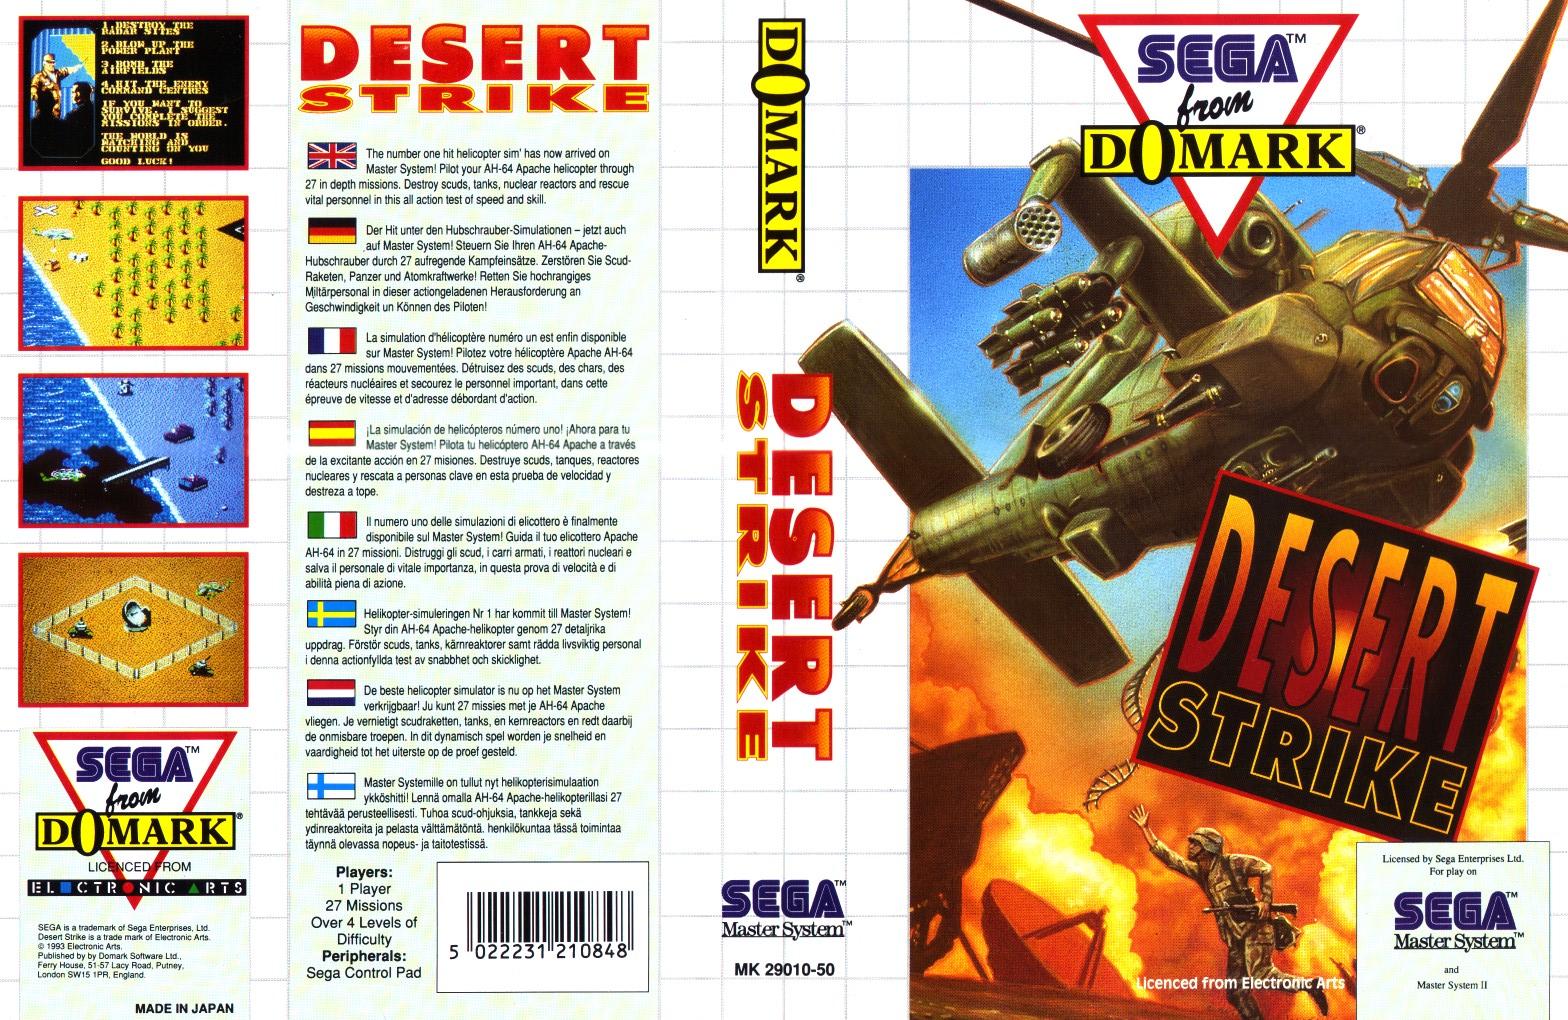 http://www.smspower.org/uploads/Scans/DesertStrike-SMS-EU.jpg